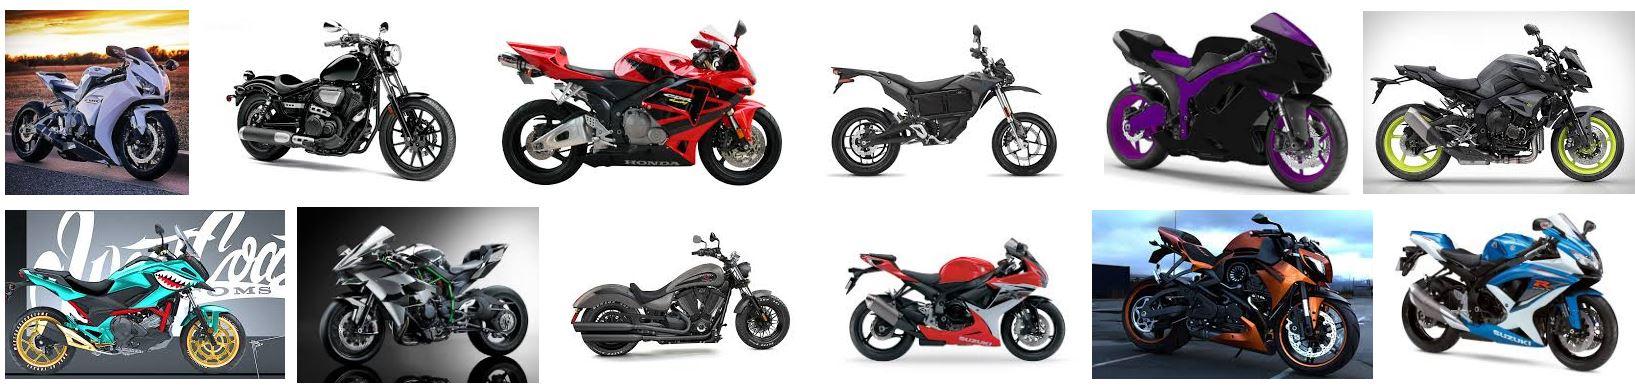 Garage Motorcycles